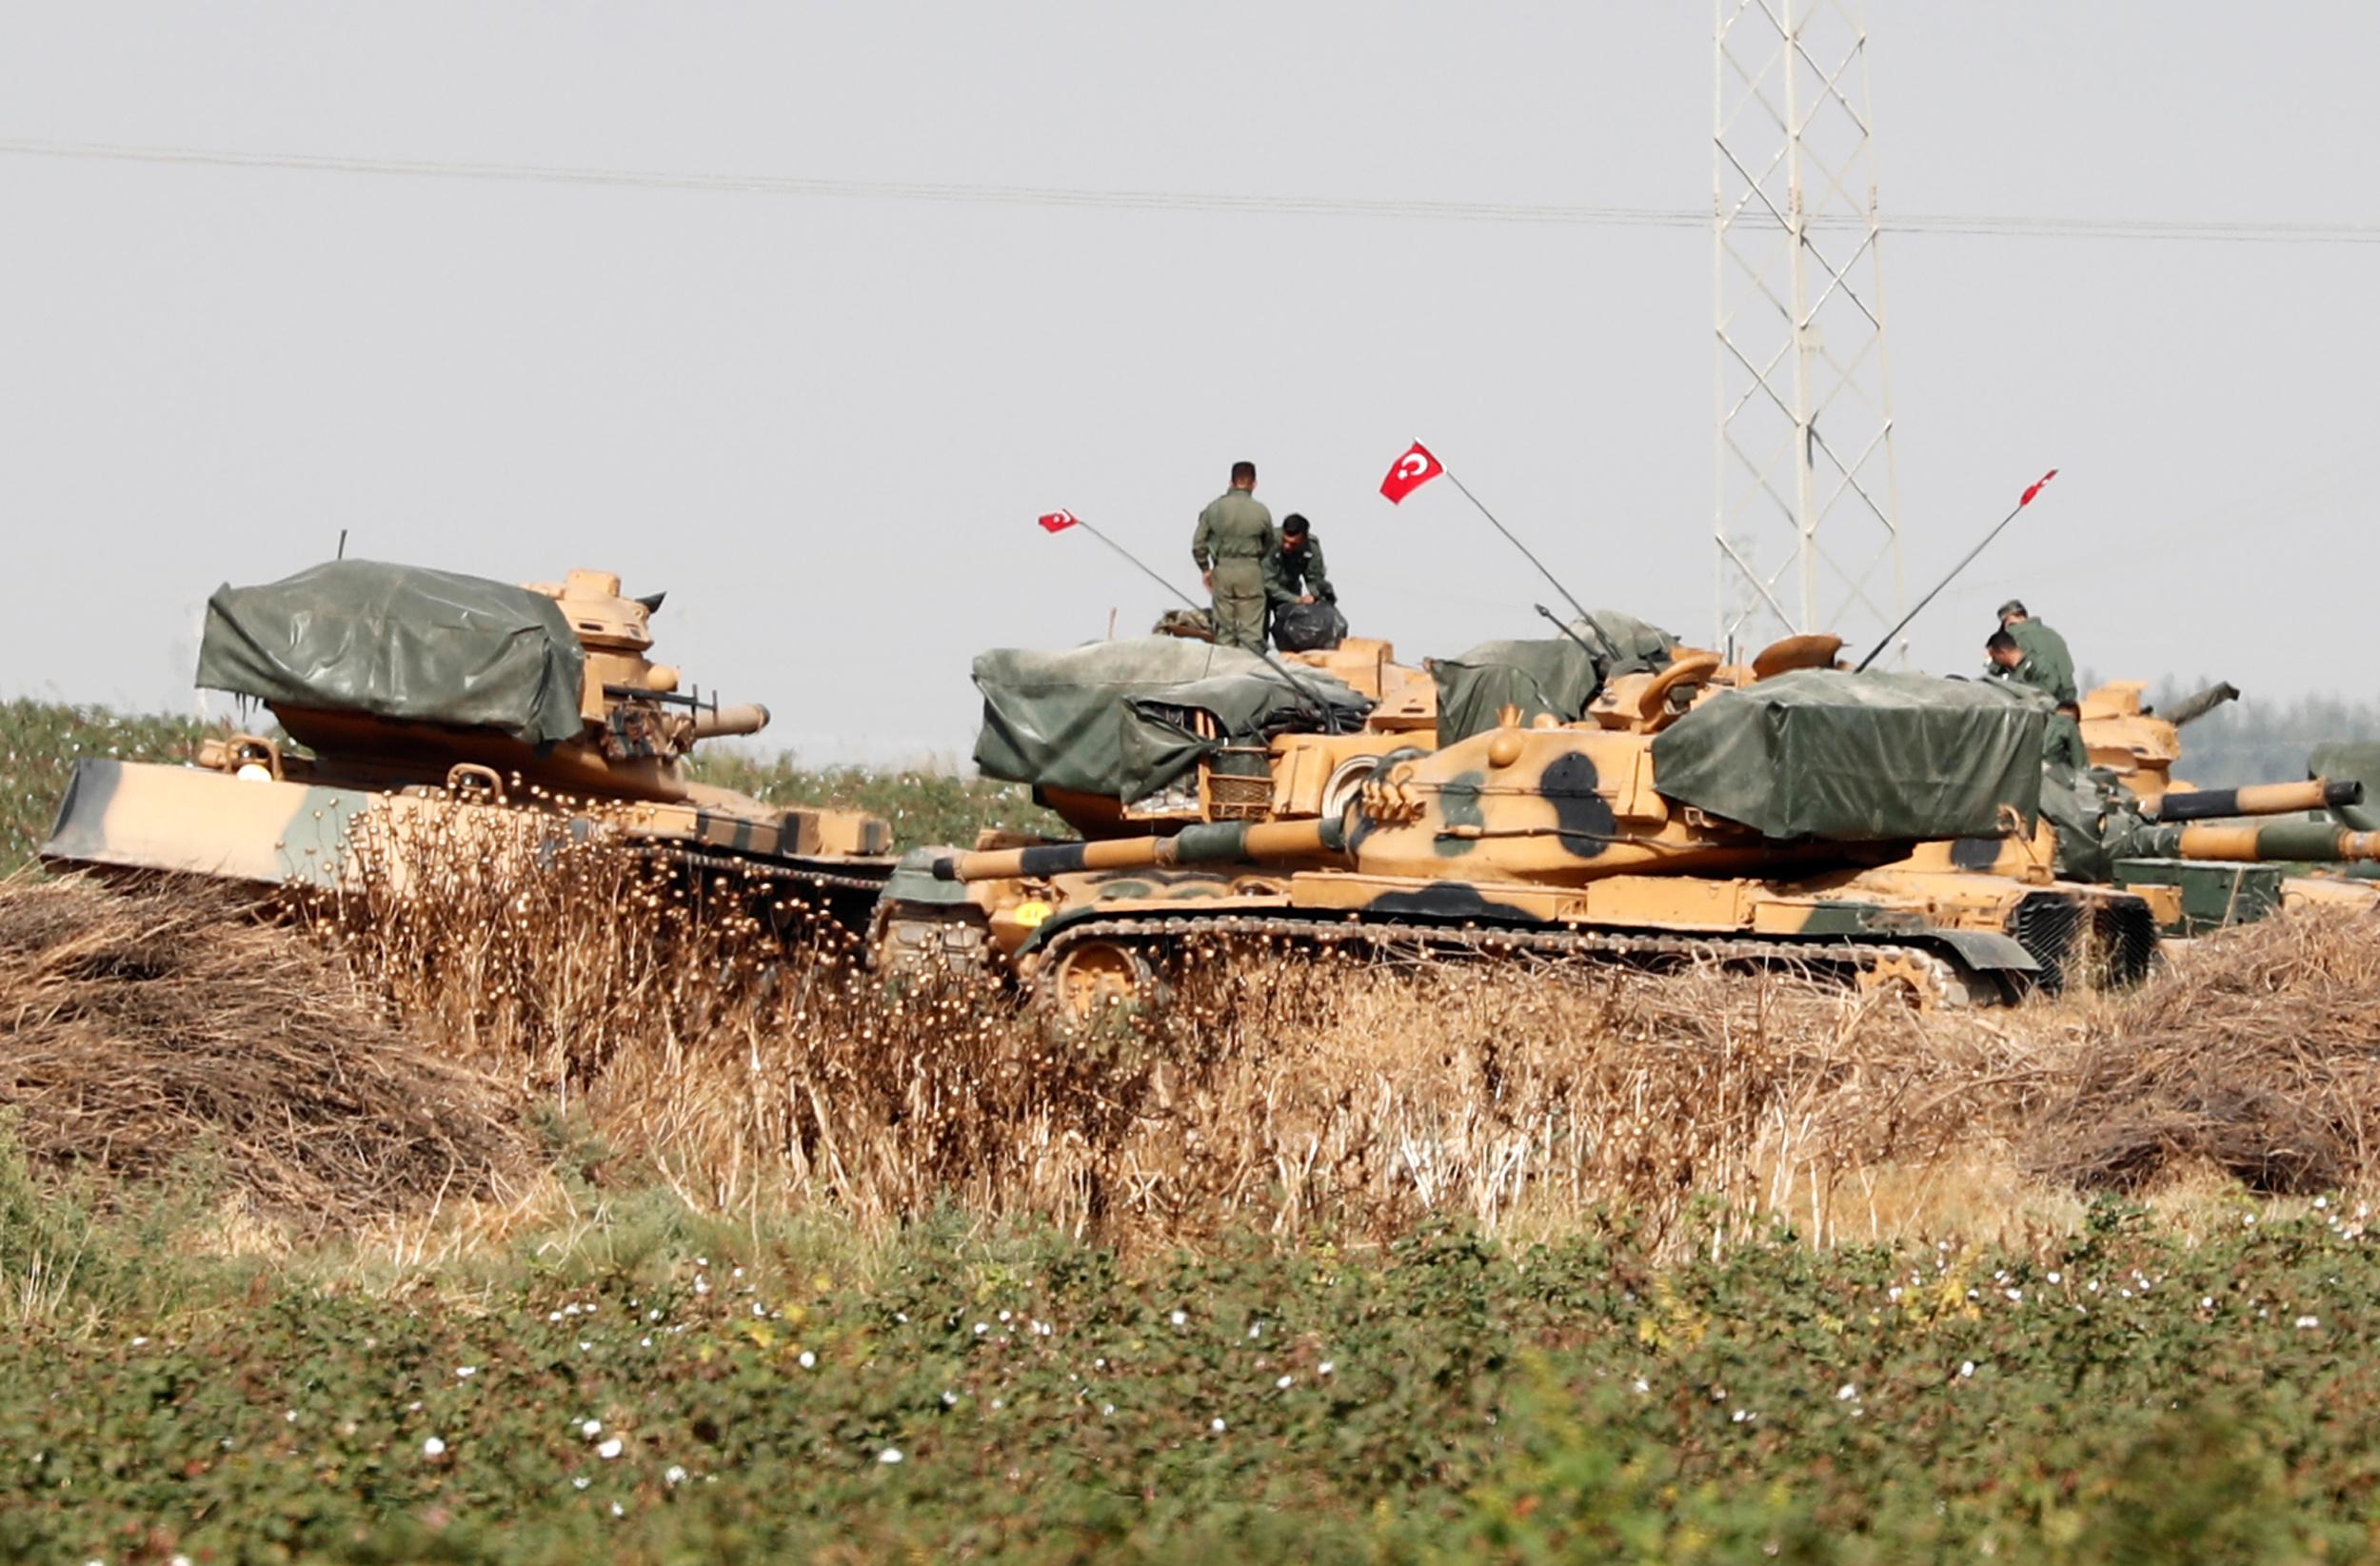 Συρία: Σύλληψη ενός Κούρδου για την βομβιστική επίθεση με 18 νεκρούς στην Αλ Μπαμπ